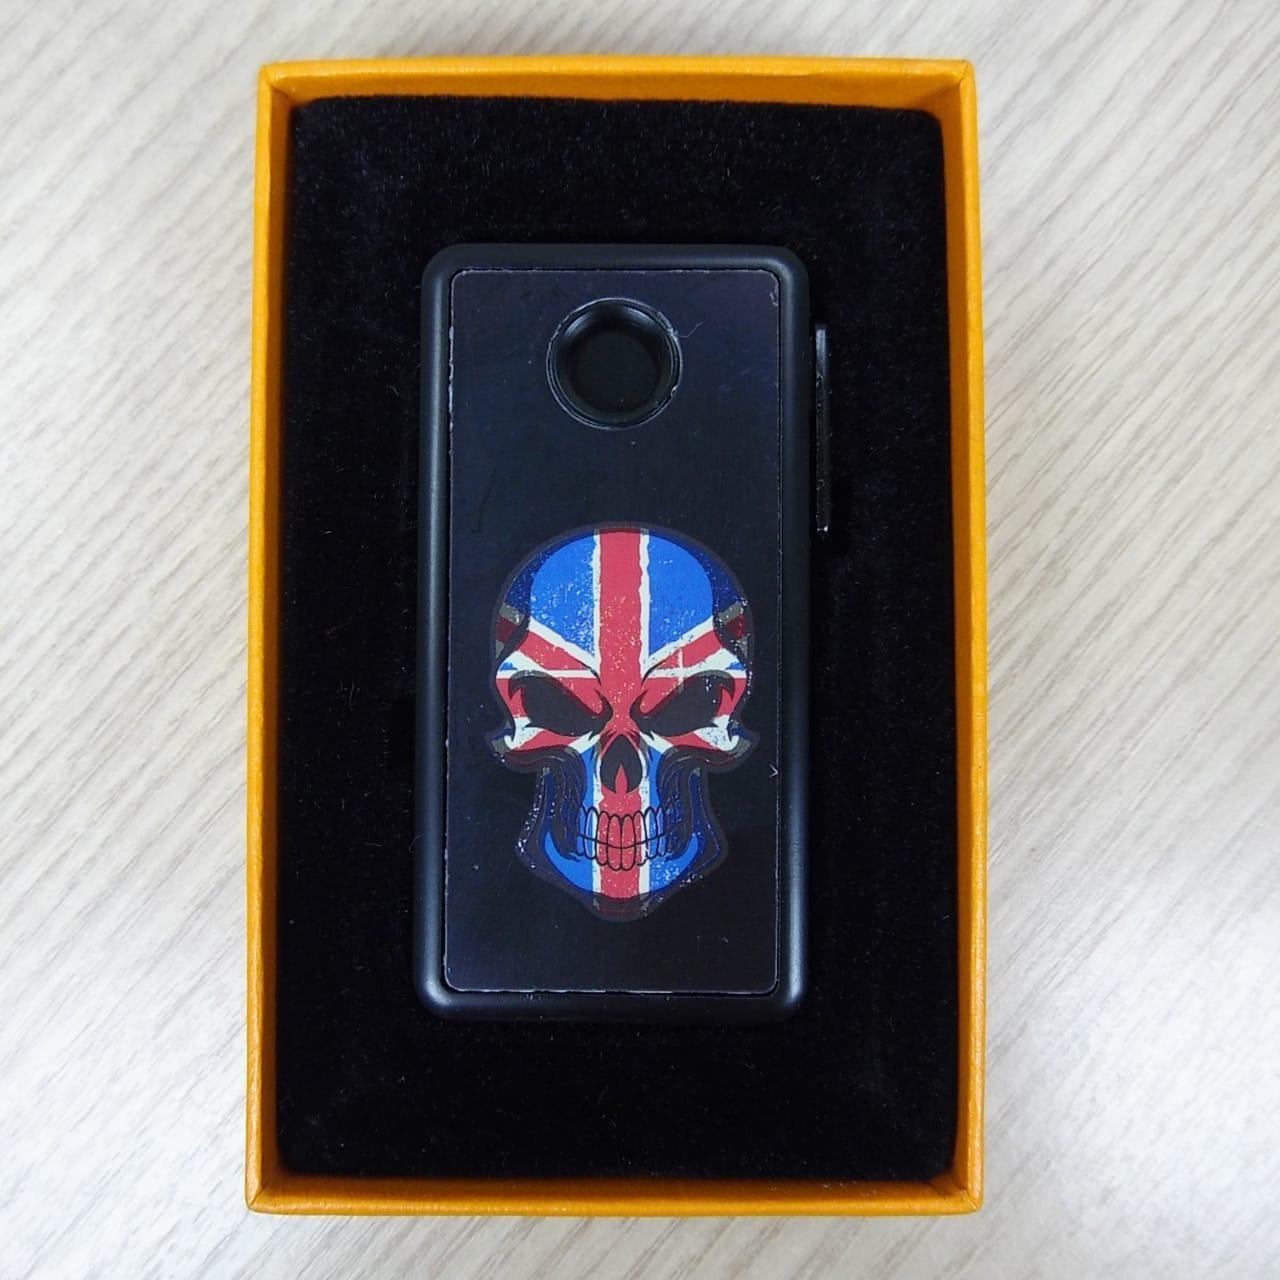 Isqueiro Elétrico em Metal com Carregador USB - Motivo Caveira Britânica - 022/76803